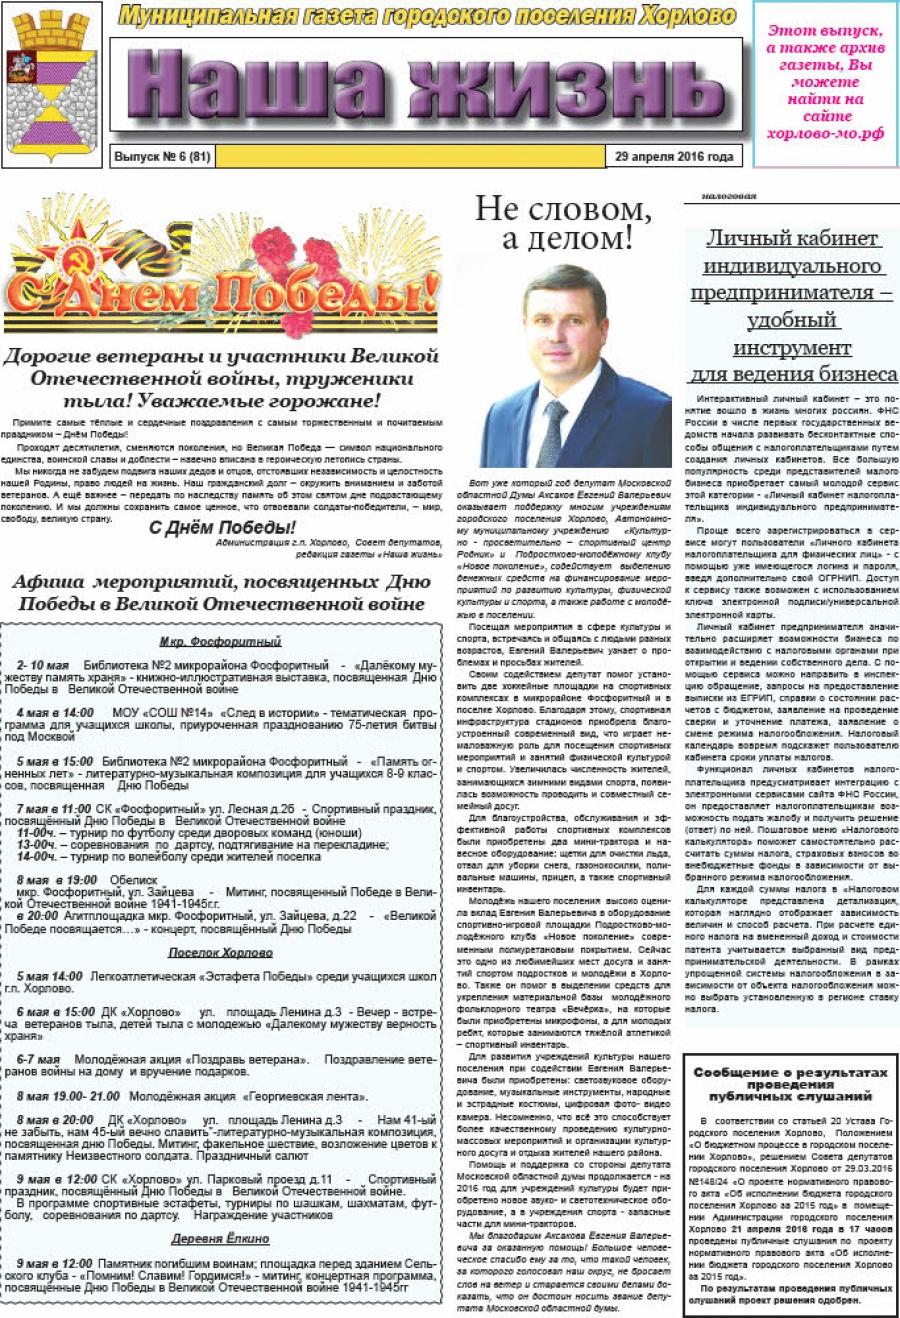 """Газета """"Наша жизнь"""" - 29 апреля 2016 года"""